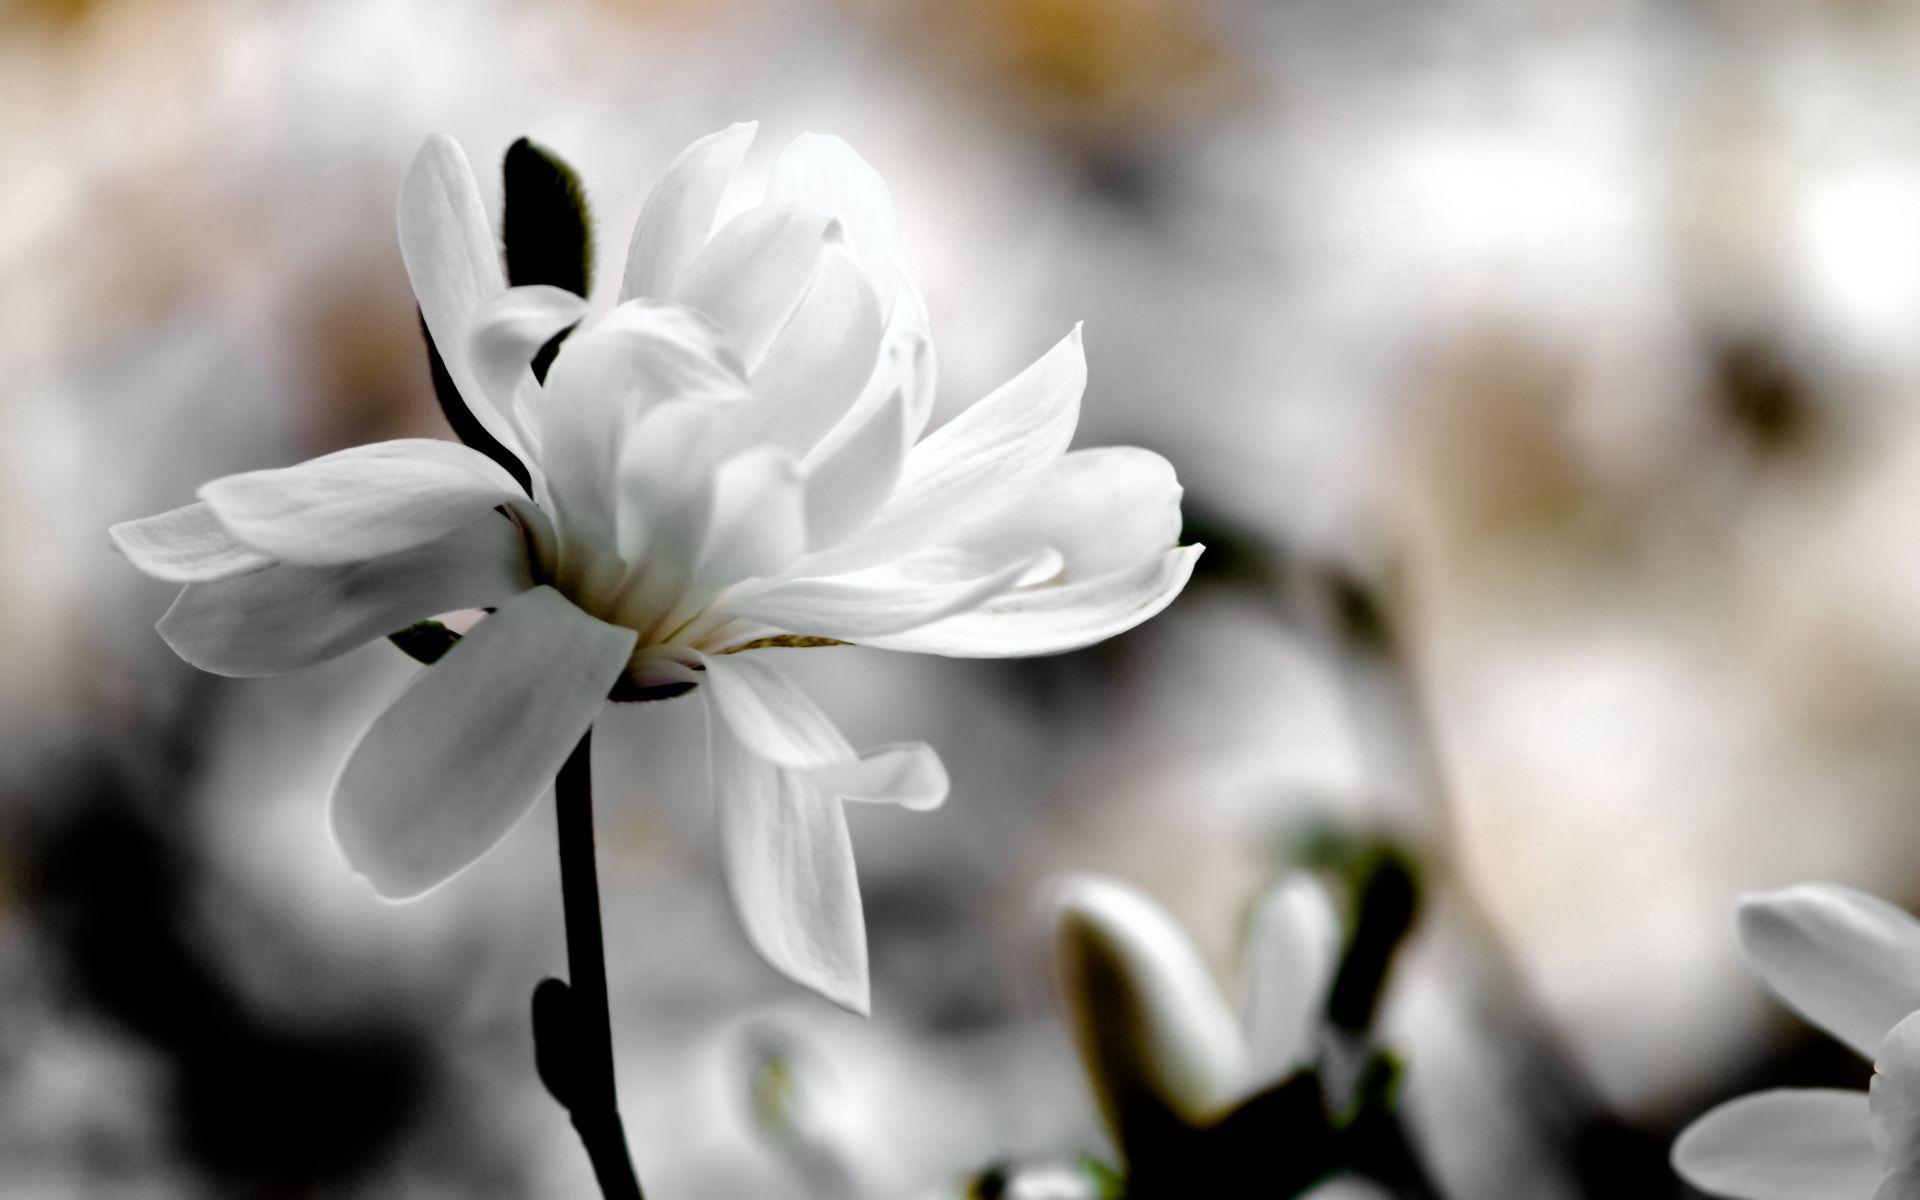 62114 скачать обои Цветы, Магнолия, Цветок, Лепестки, Белый, Размытость - заставки и картинки бесплатно